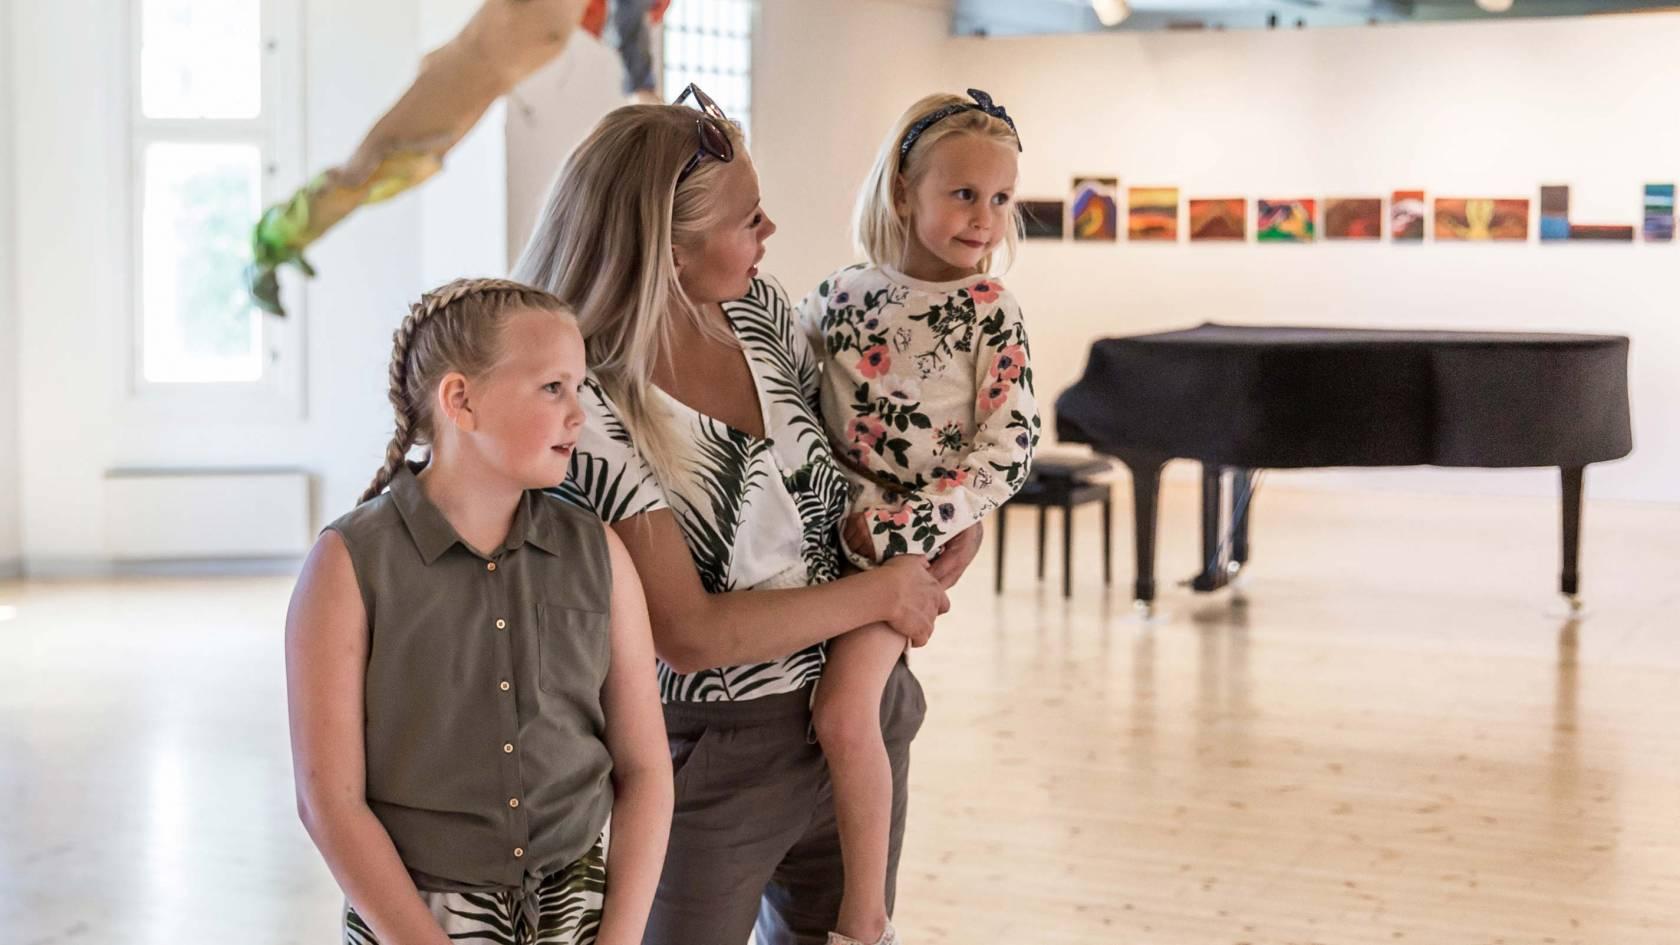 äiti ja tyttäret voipaalan taidekeskuksessa näyttelytilassa